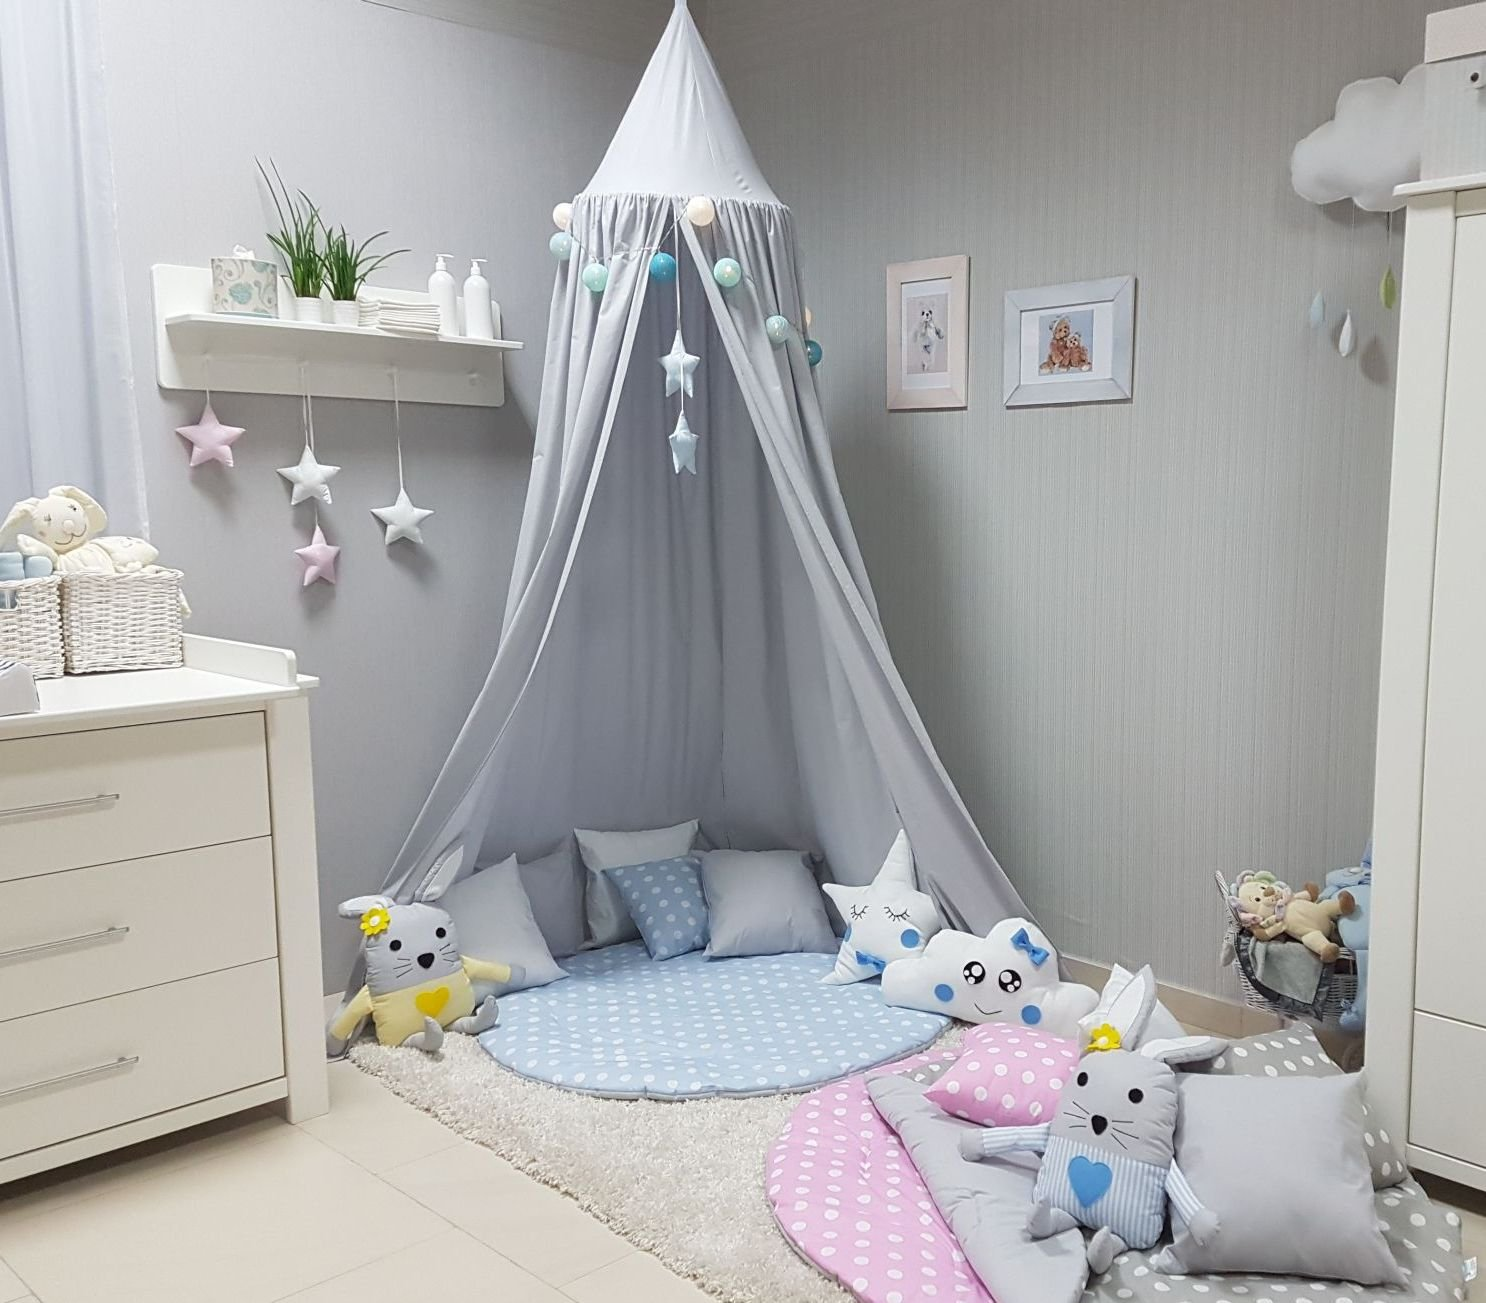 amazon.de: betthimmel & himmelstangen: baby - Himmel Fur Babybett Ein Traumeland Im Kinderzimmer